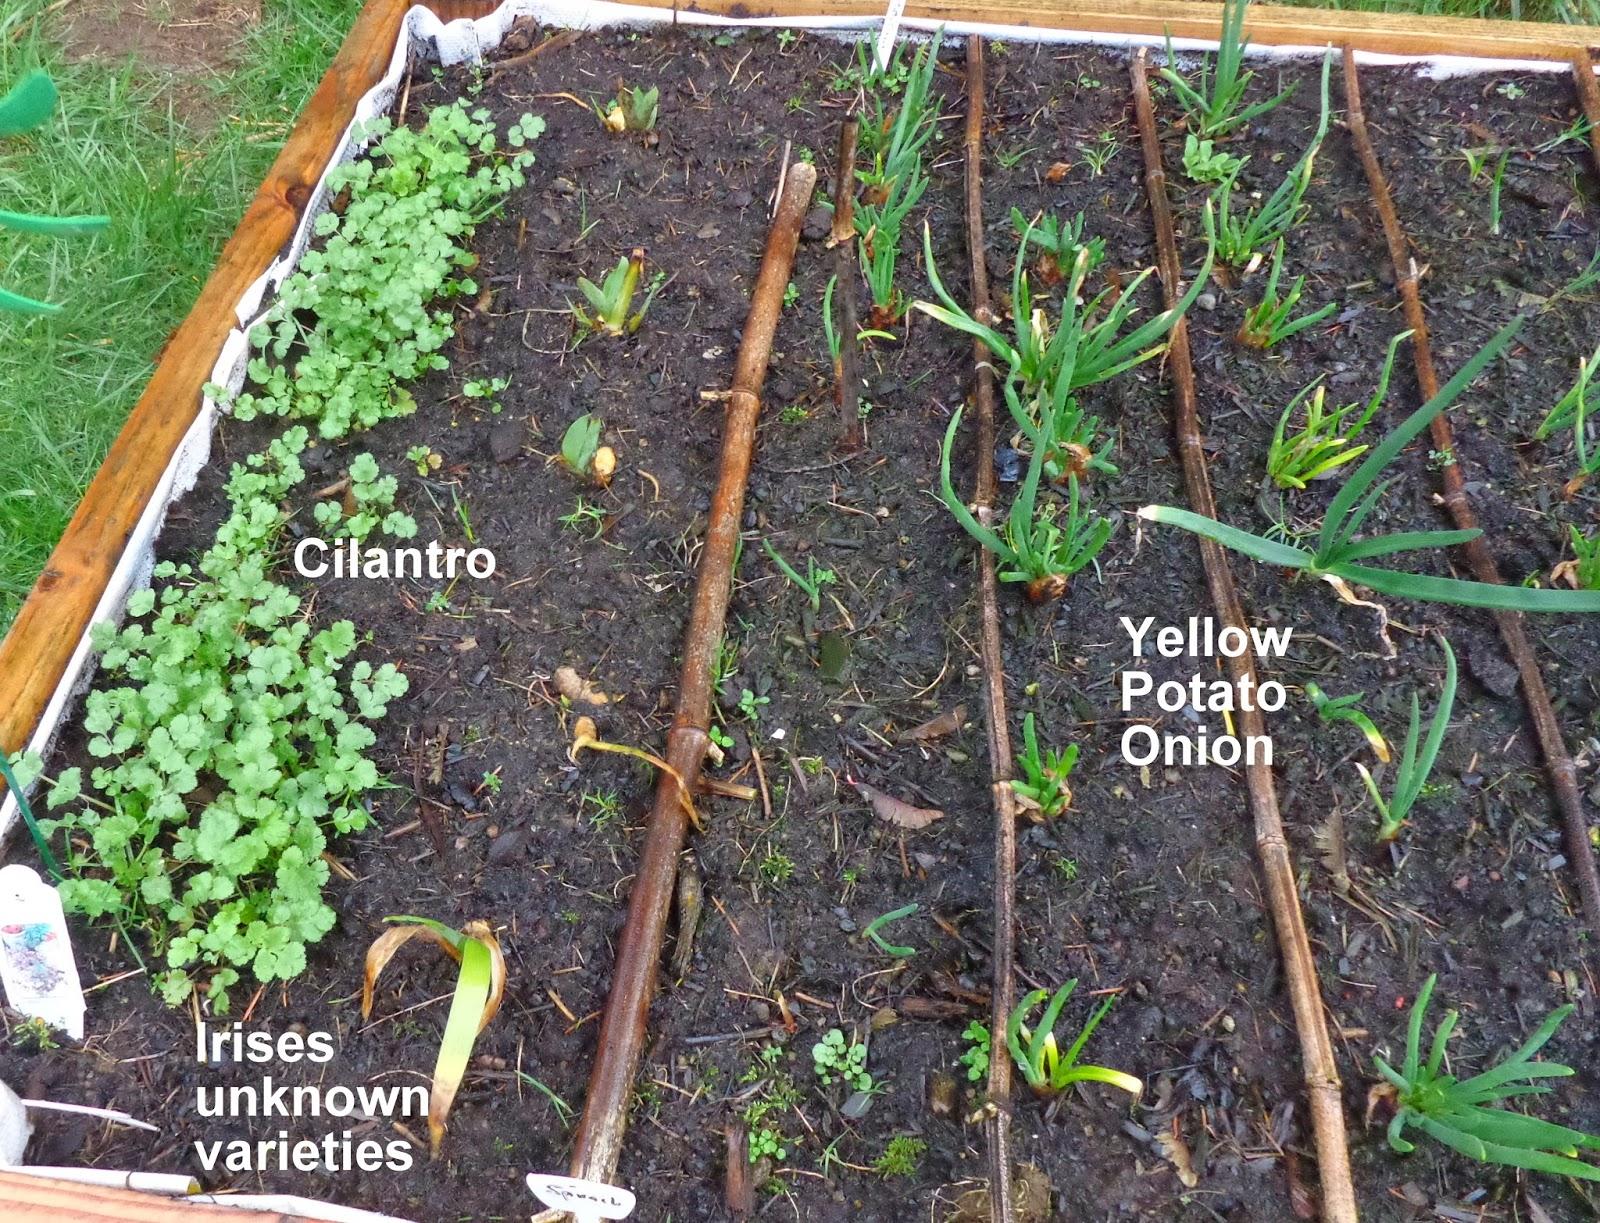 How To Rejuvenate Soil In Raised Bed Vegetable Garden